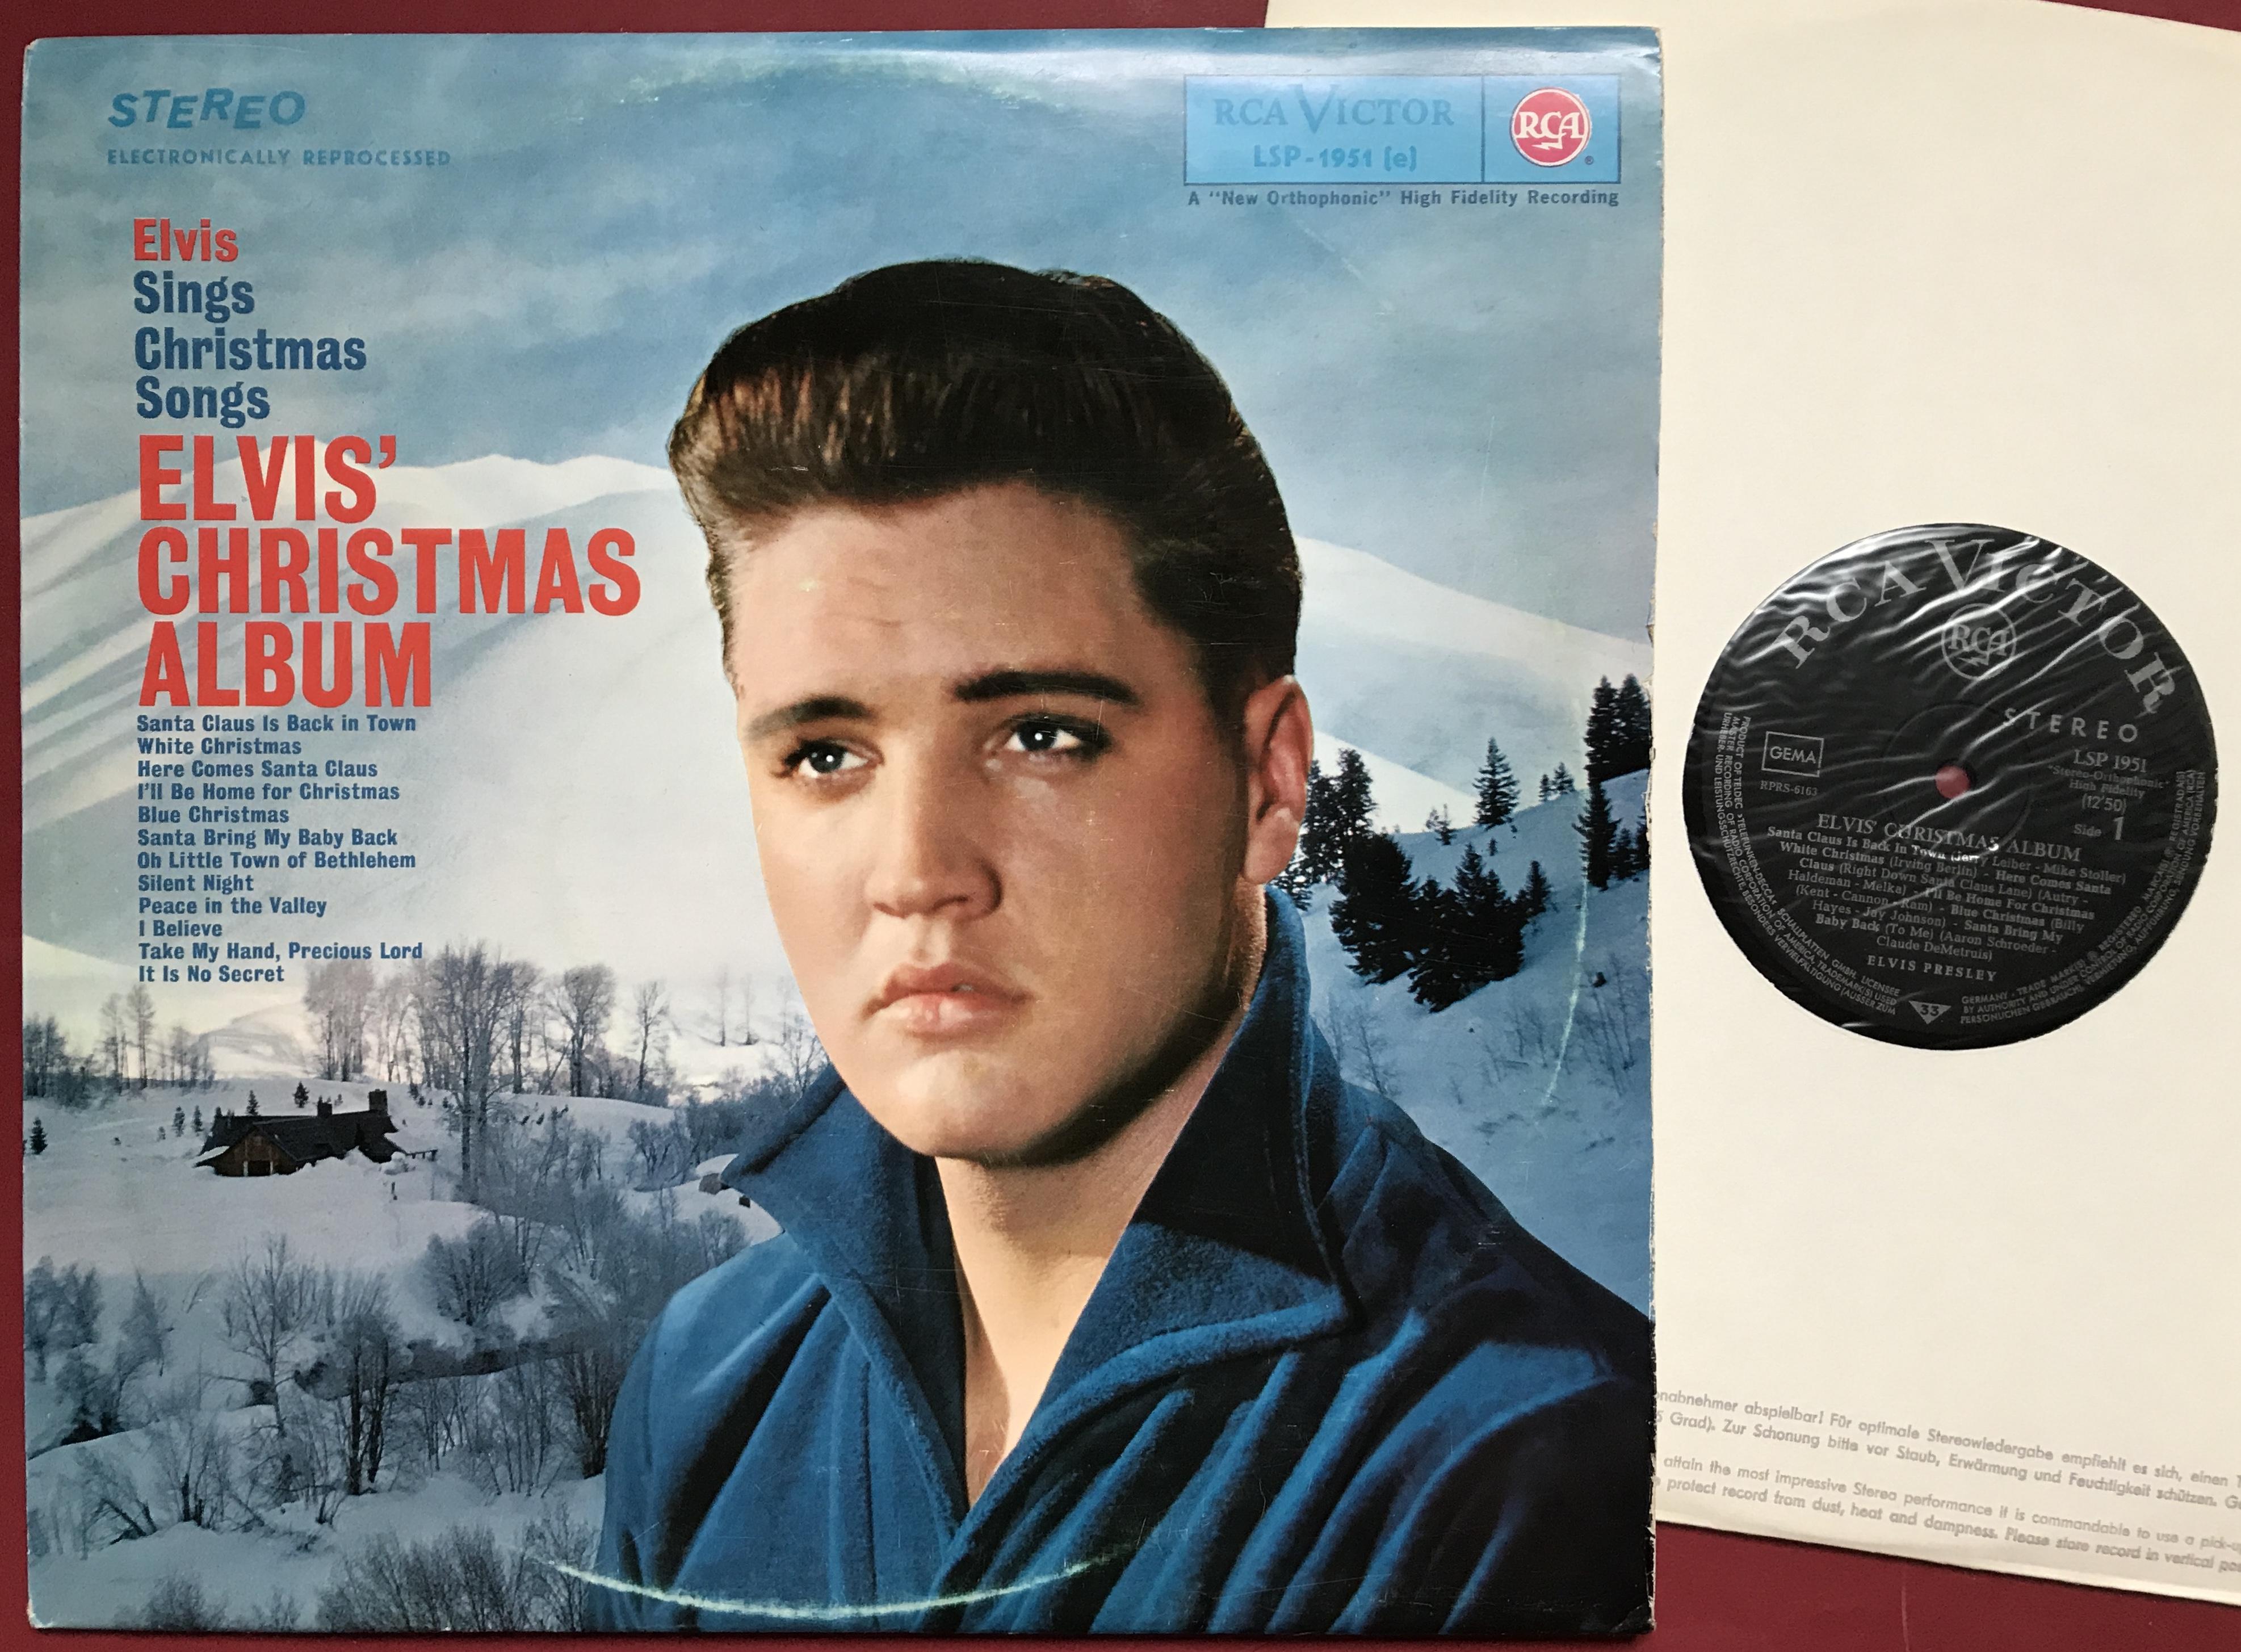 Elvis Christmas Album.Elvis Presley Elvis Christmas Album Ger Orig Lp 1964